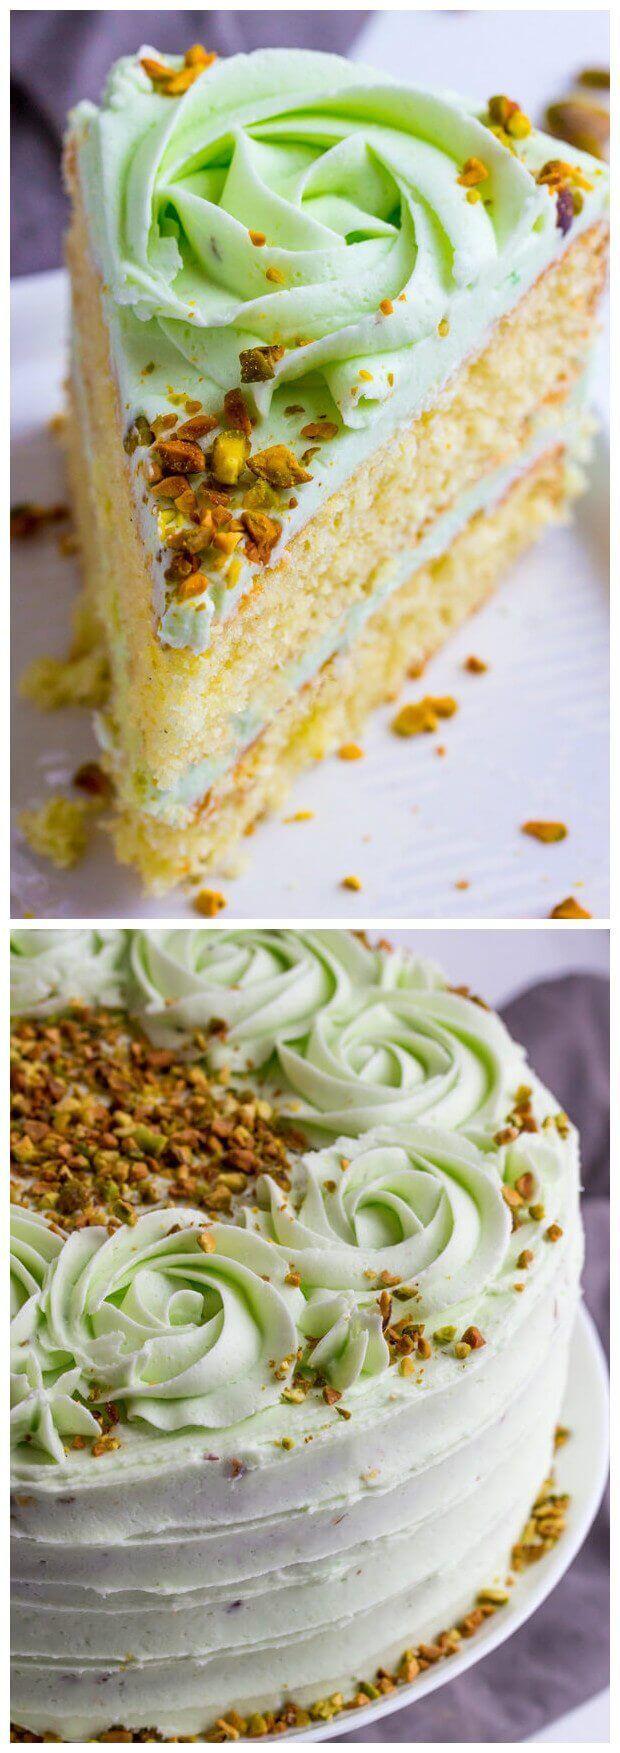 Vanilla Bean Pistachio Cake | Tasty Food Collection